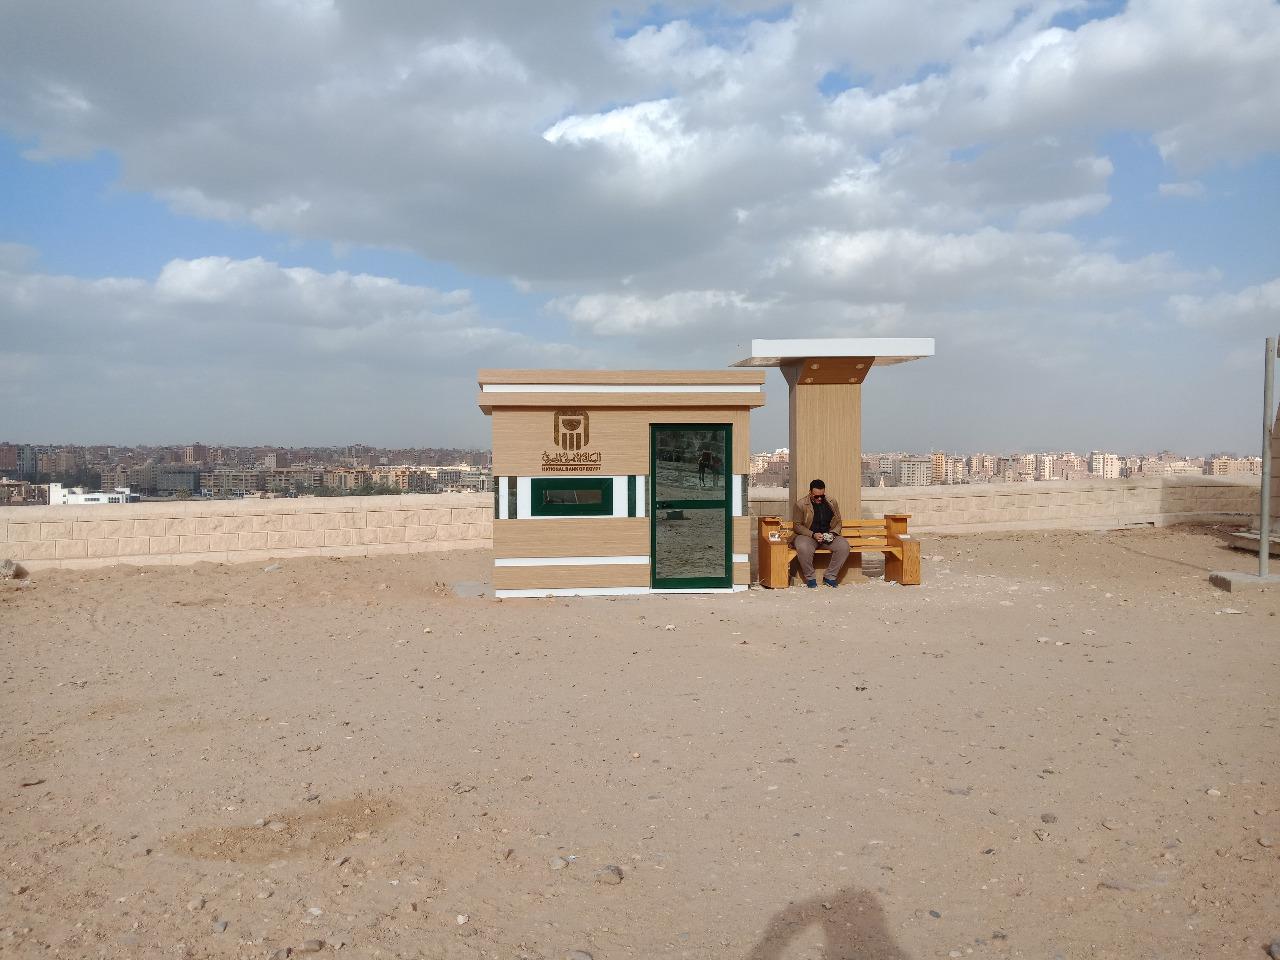 وحدات خدمية بمنطقة آثار الهرم (6)